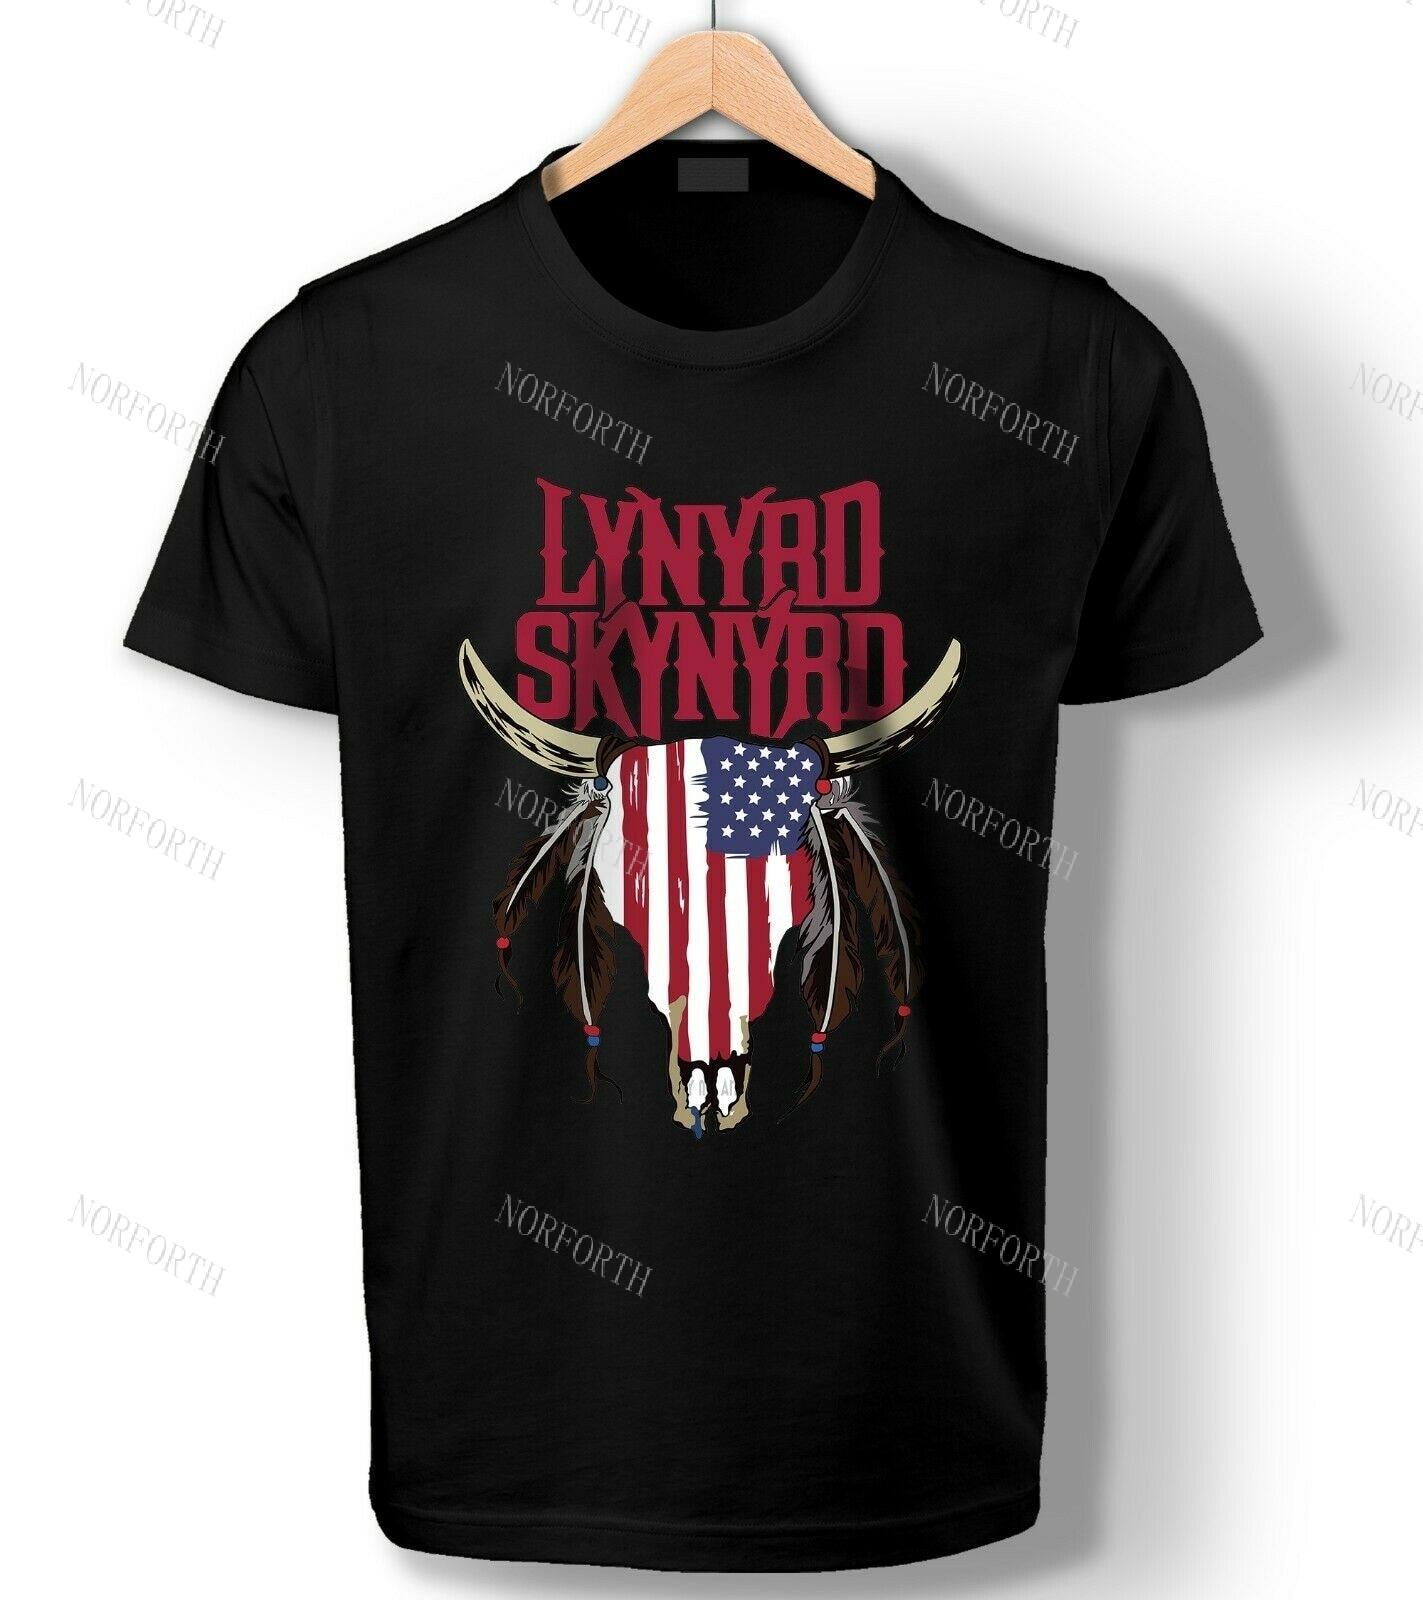 Lynyrd Skynyrd-Camiseta con estampado de bandera americana, Camiseta con estampado de calavera...